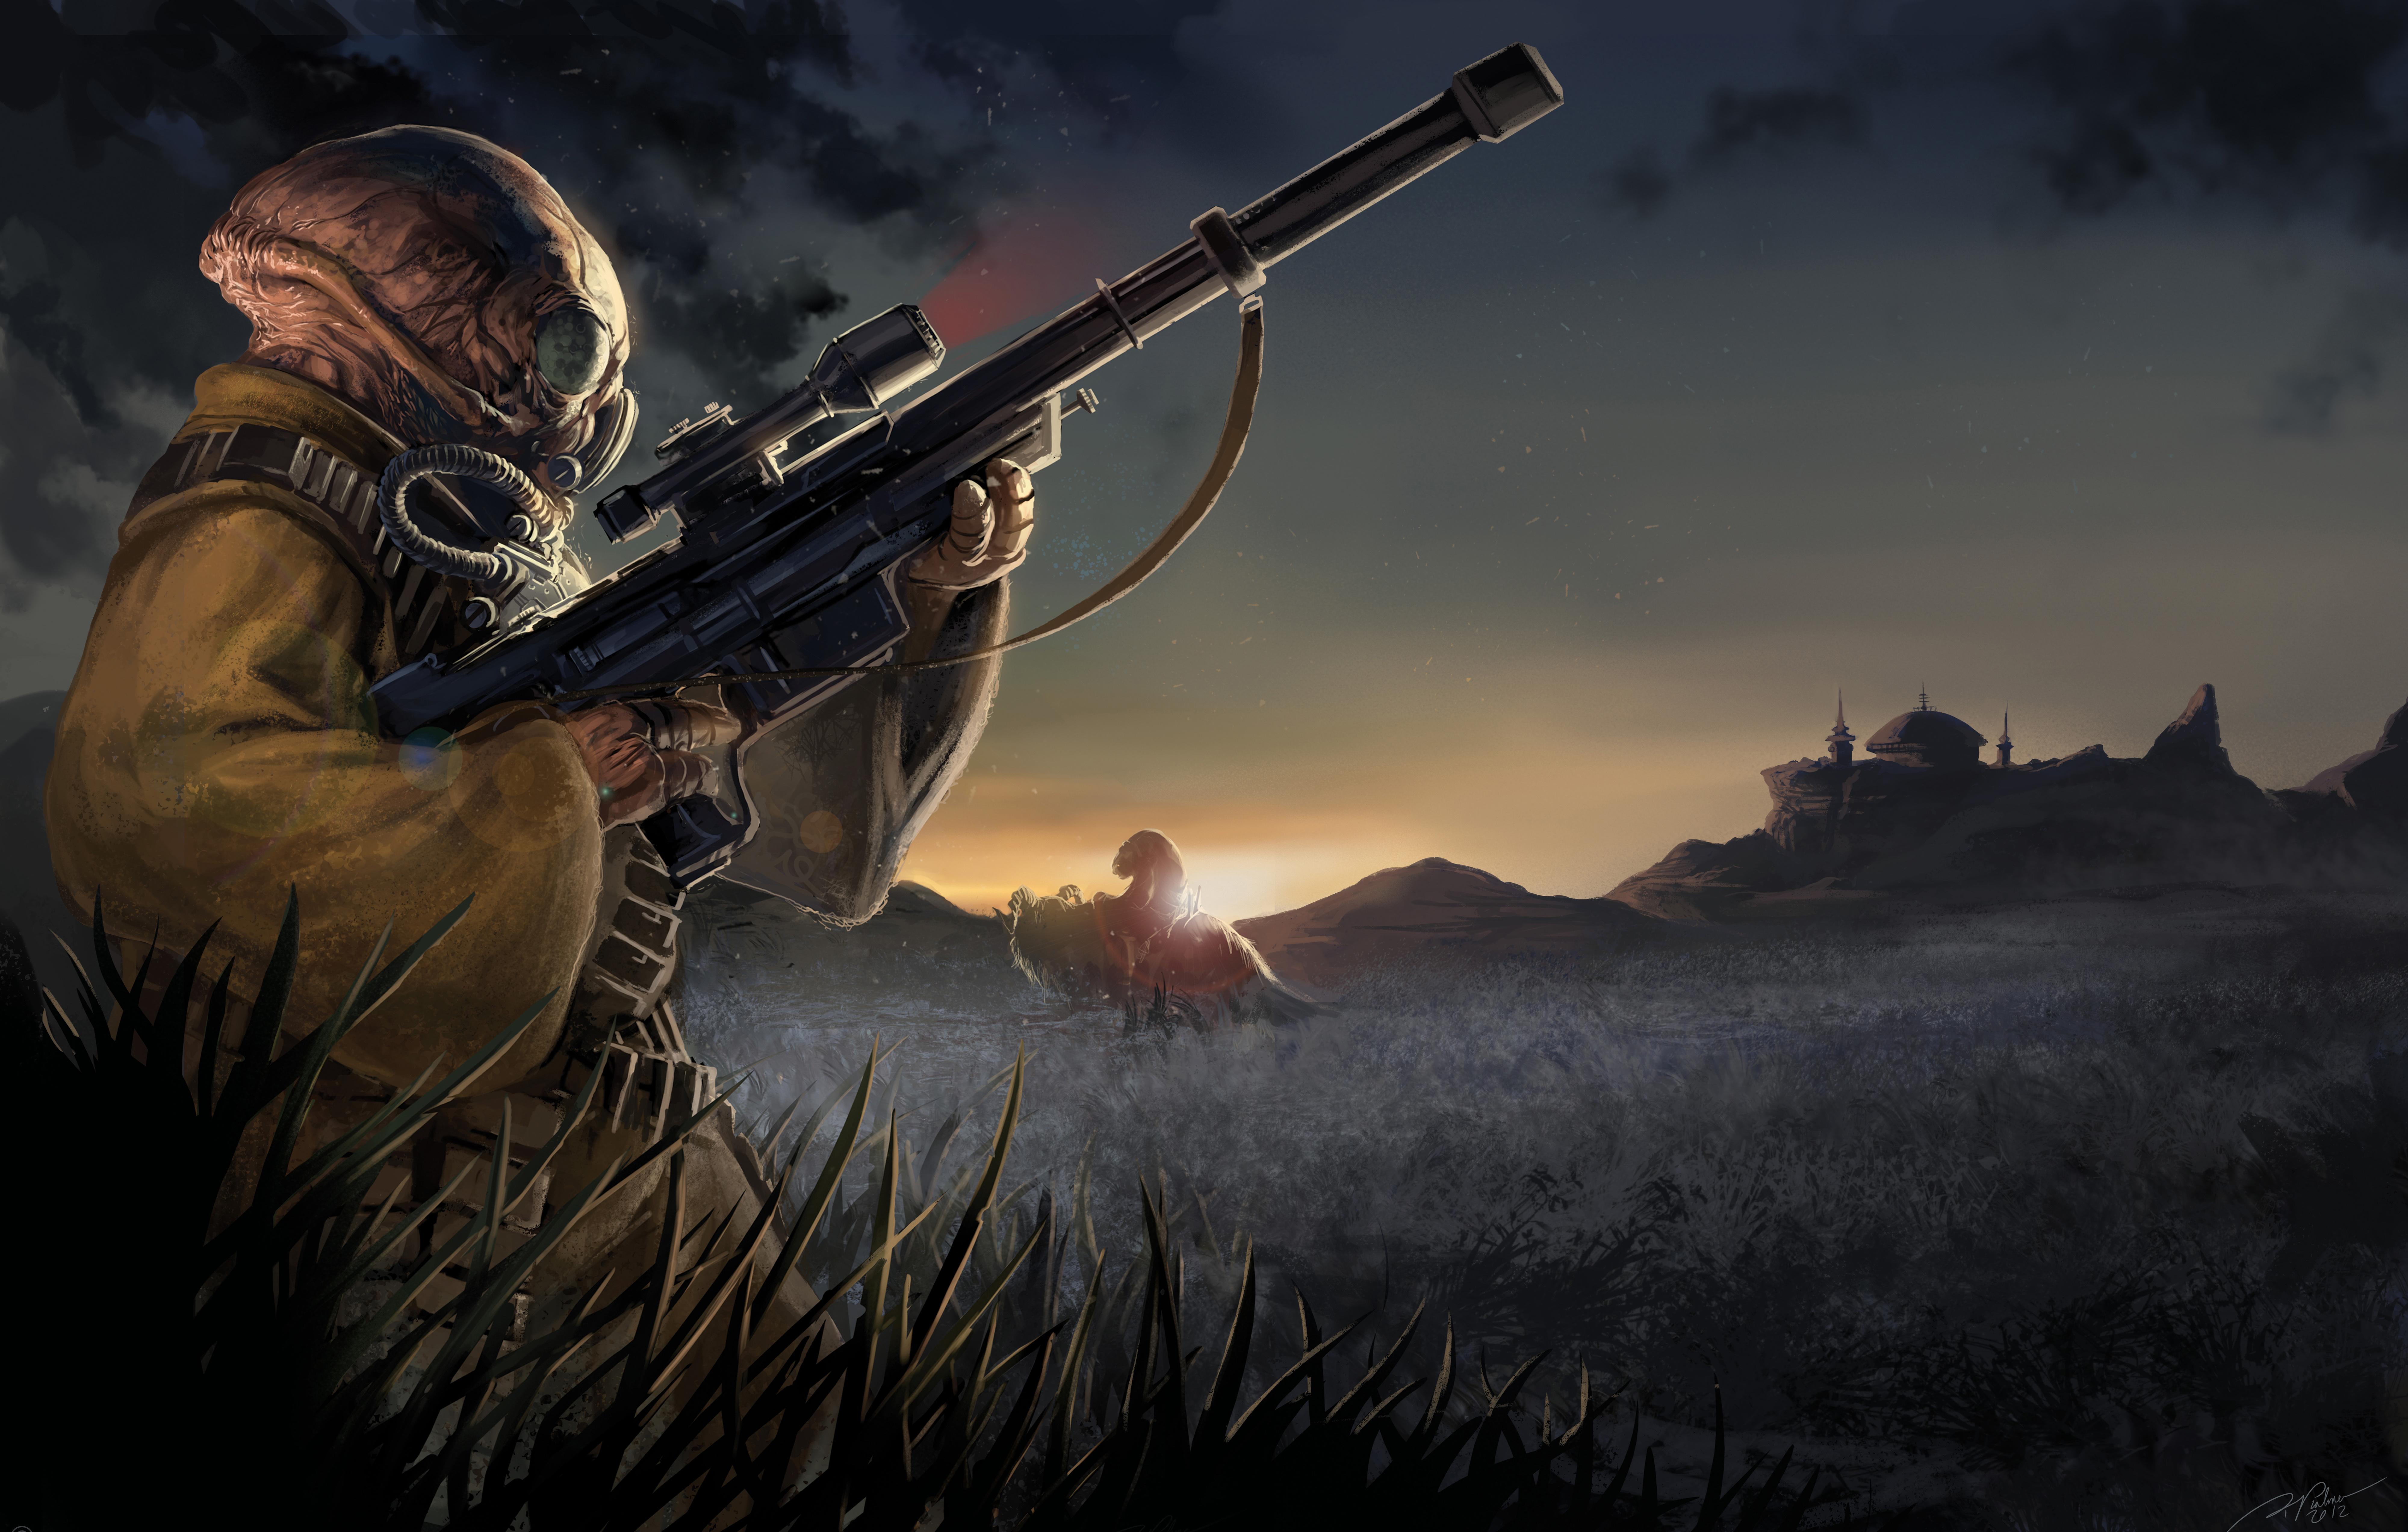 EotE Gand bounty hunter by Palmer.jpg